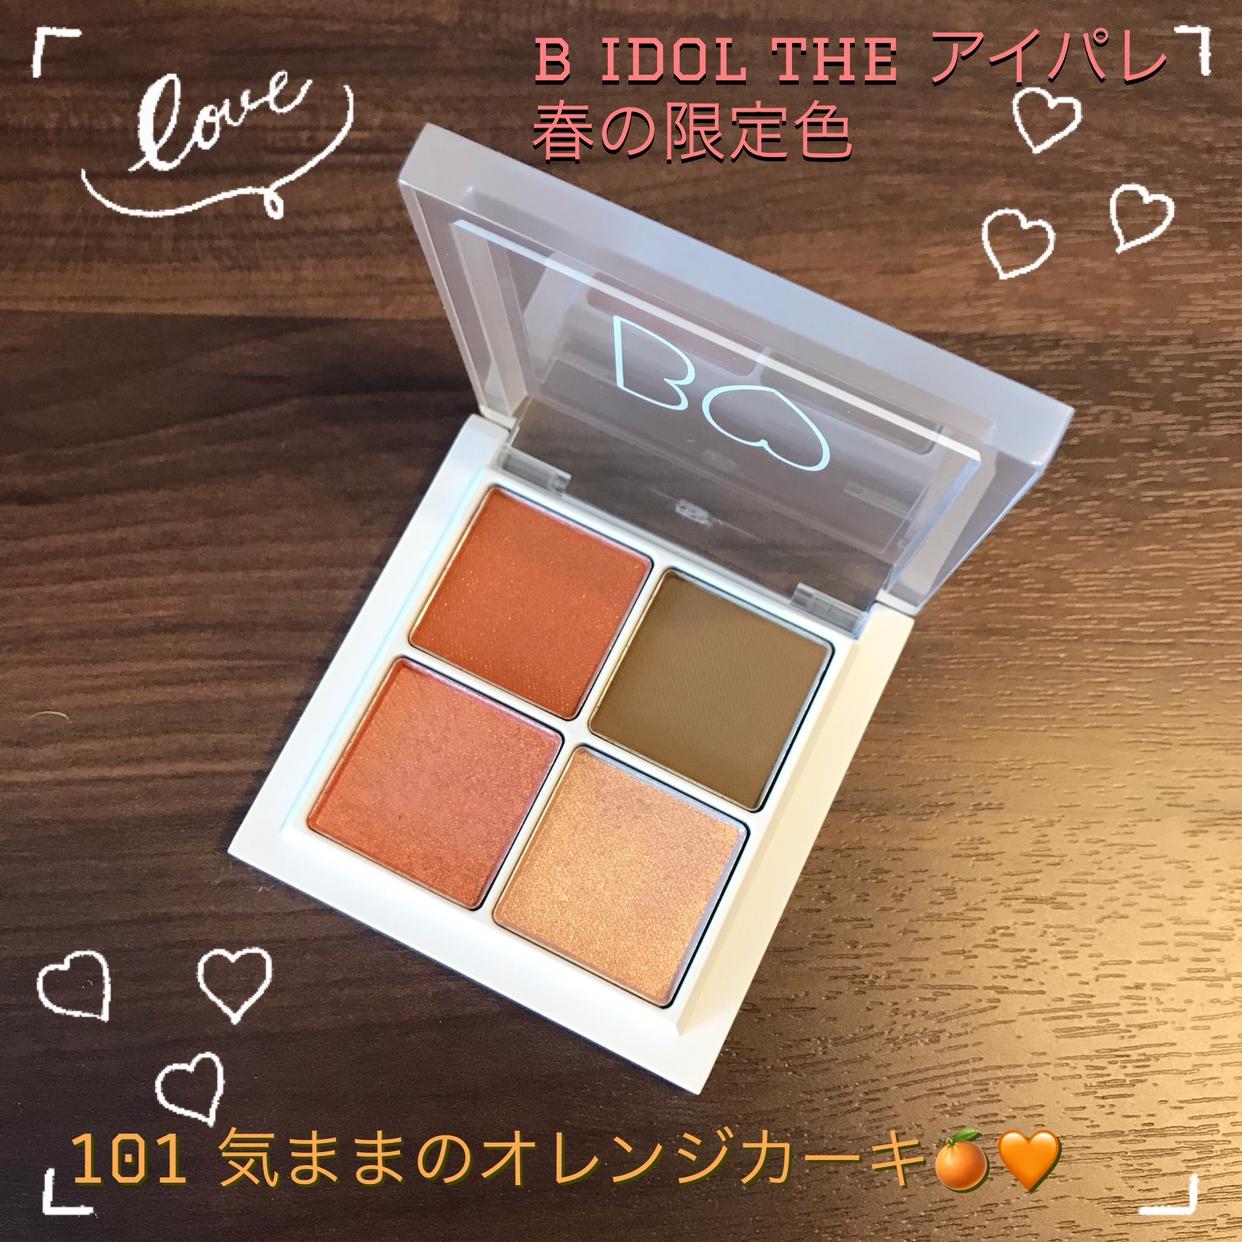 B IDOL(ビーアイドル) THE アイパレを使ったyuuuri_cosmeさんのクチコミ画像